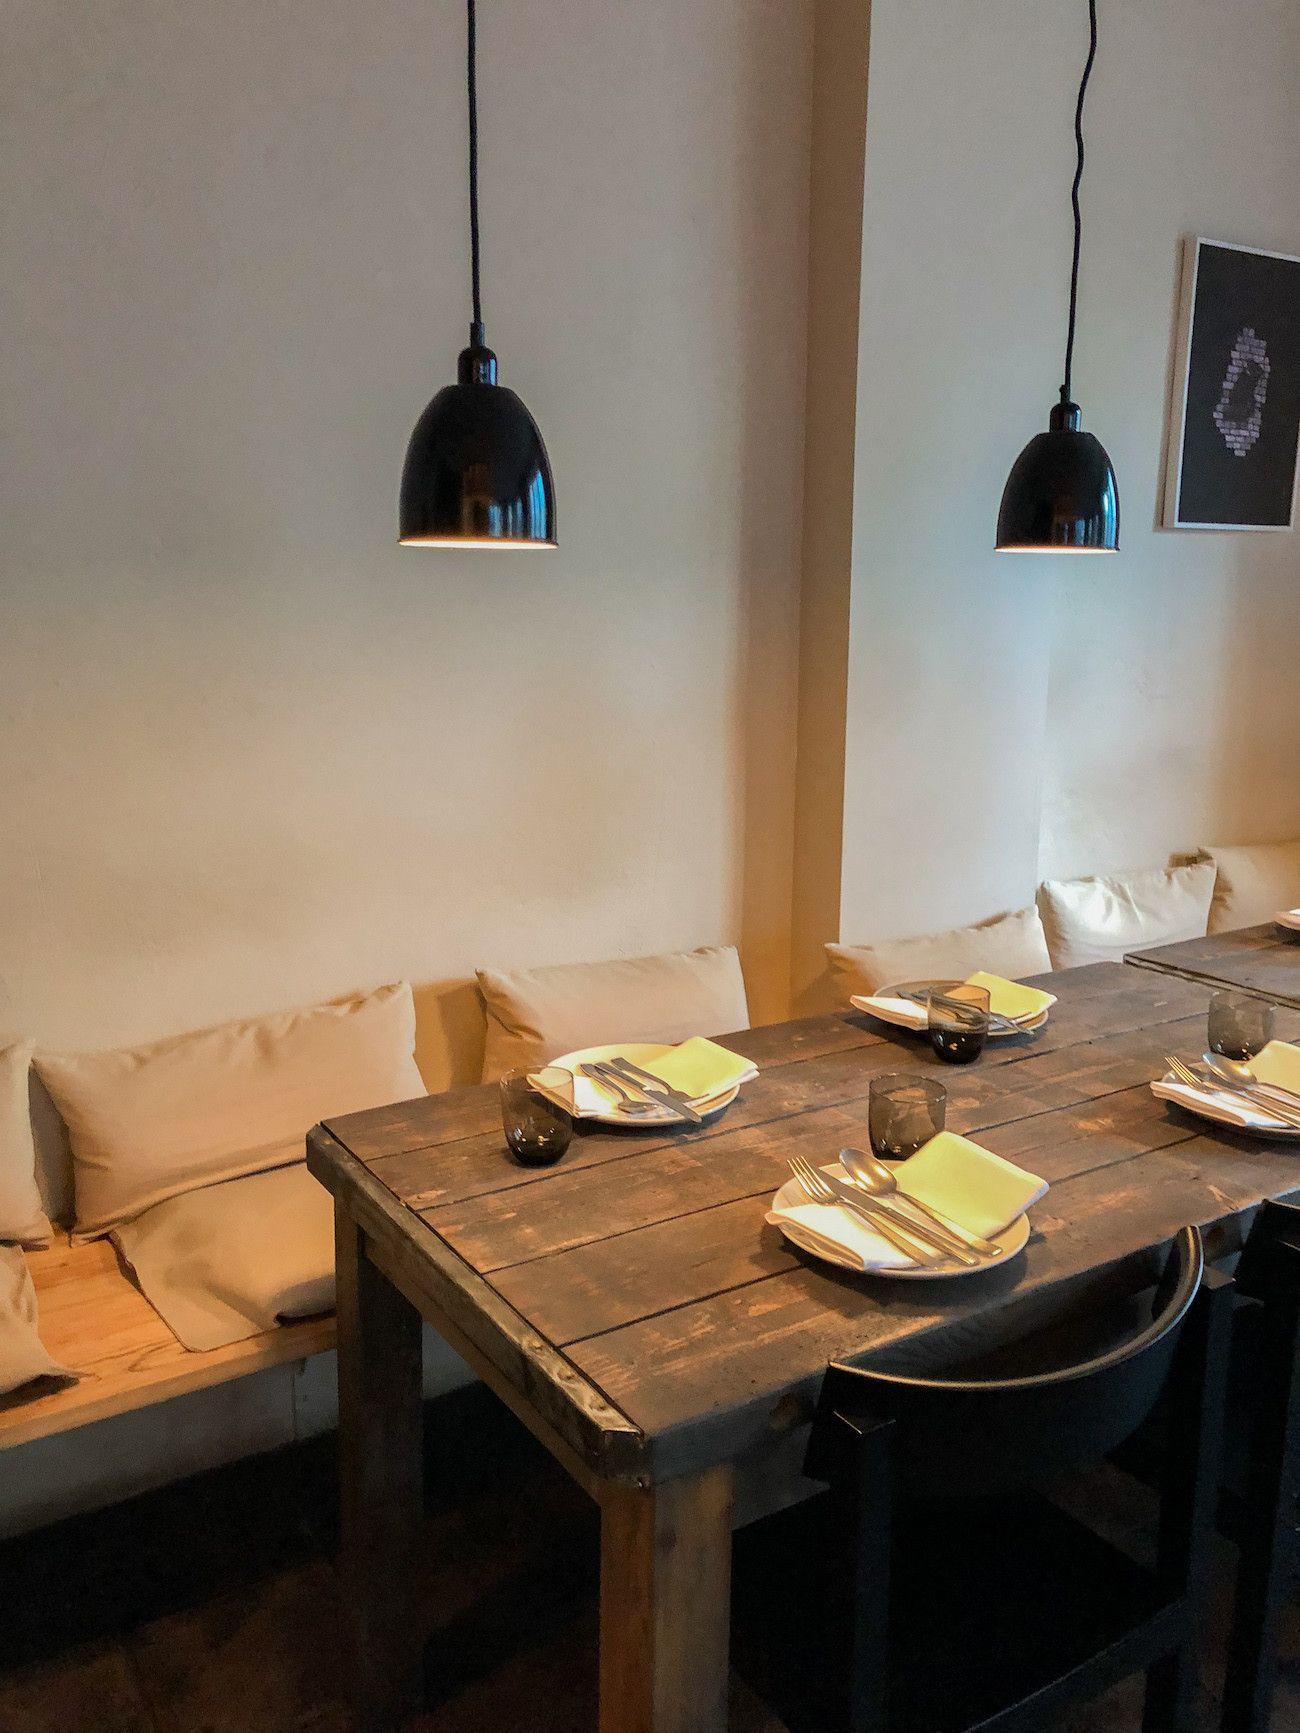 Foodblog, About Fuel, Leckerbissen, Tisk, Restaurtant, Interieur